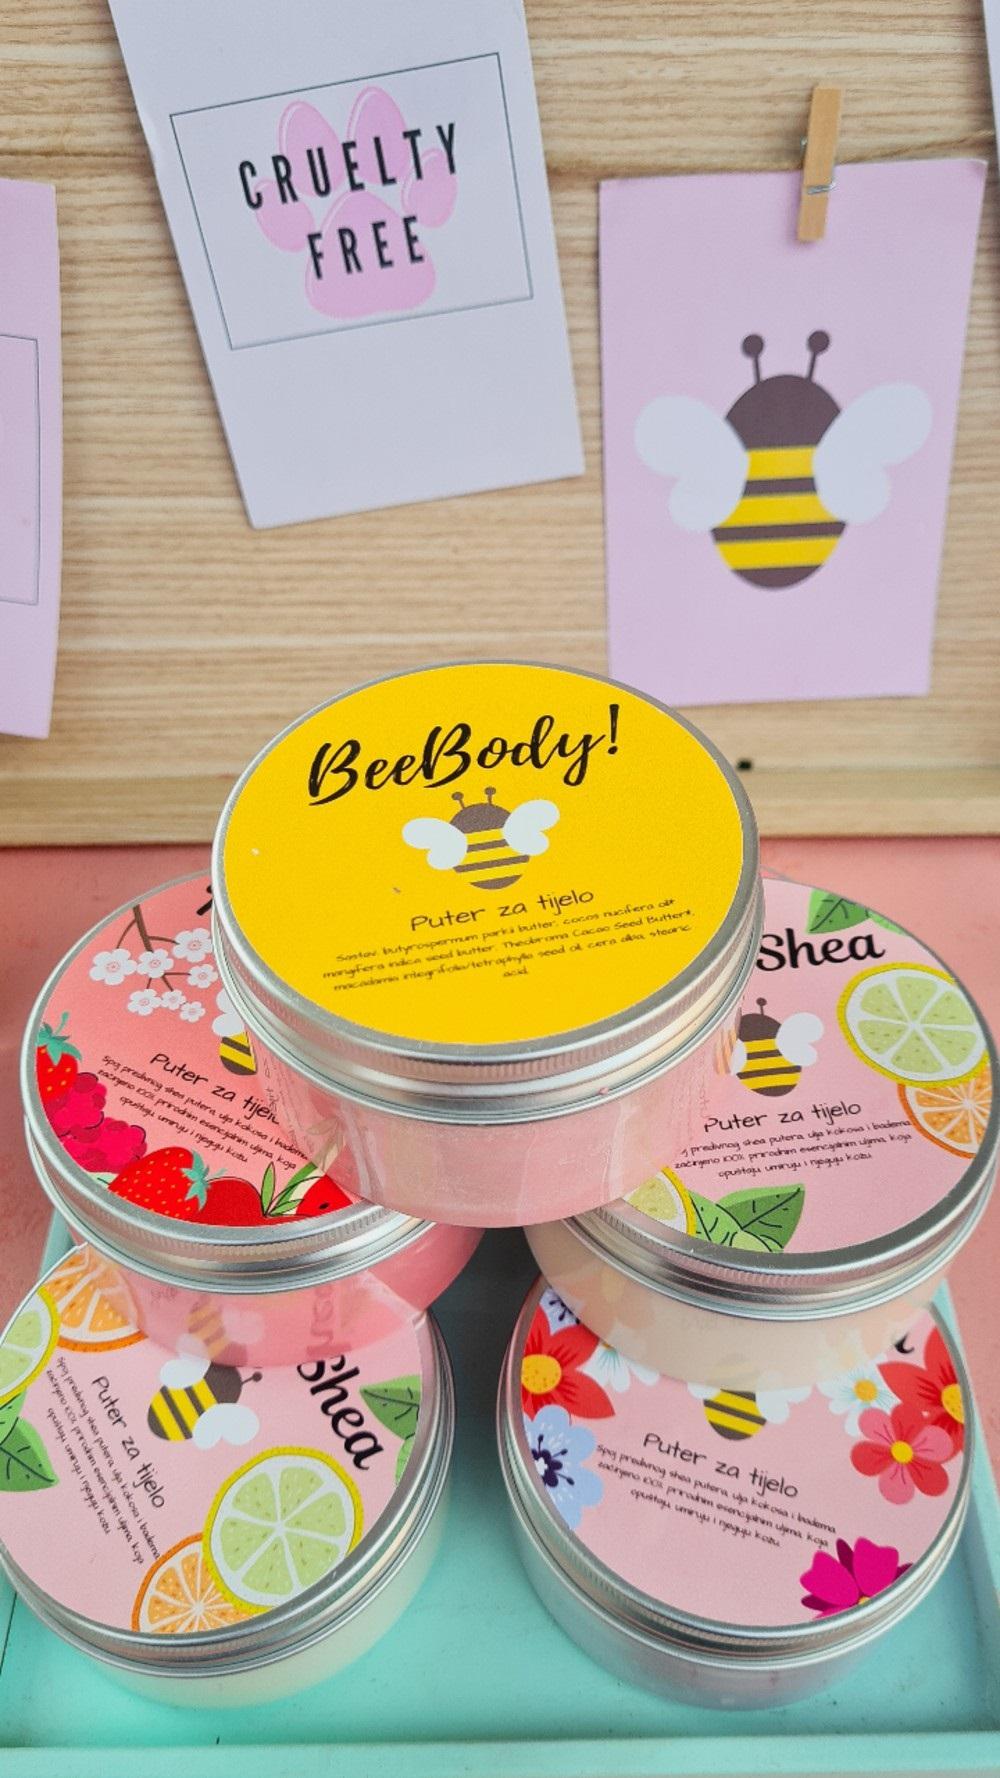 Nastala u pandemiji: BeeLuv prirodna kozmetika pronašla put do kupaca